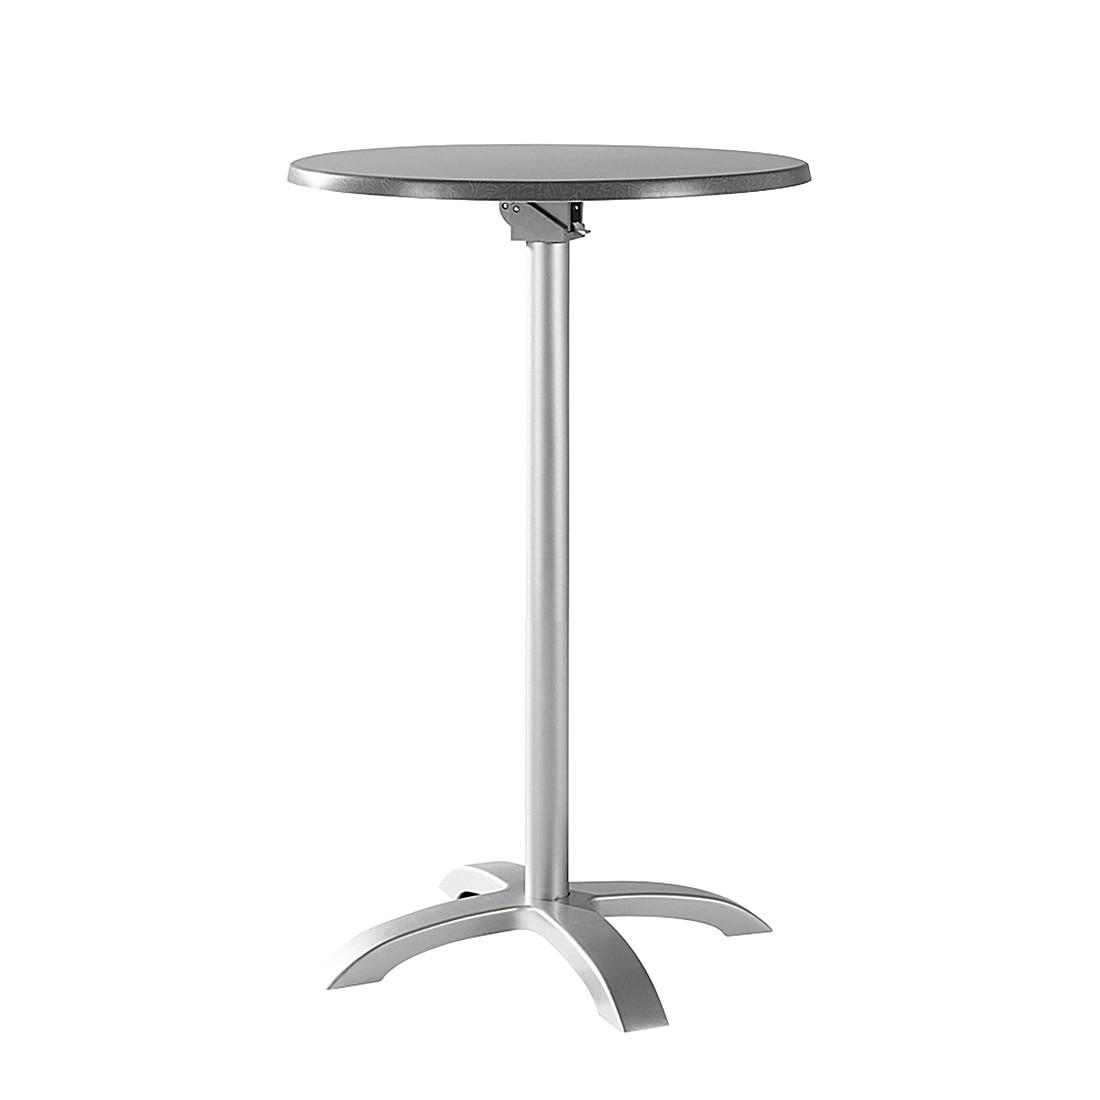 Stehtisch Maestro - Aluminium/Werzalit - Silber/Acantus Dekor, Best Freizeitmöbel